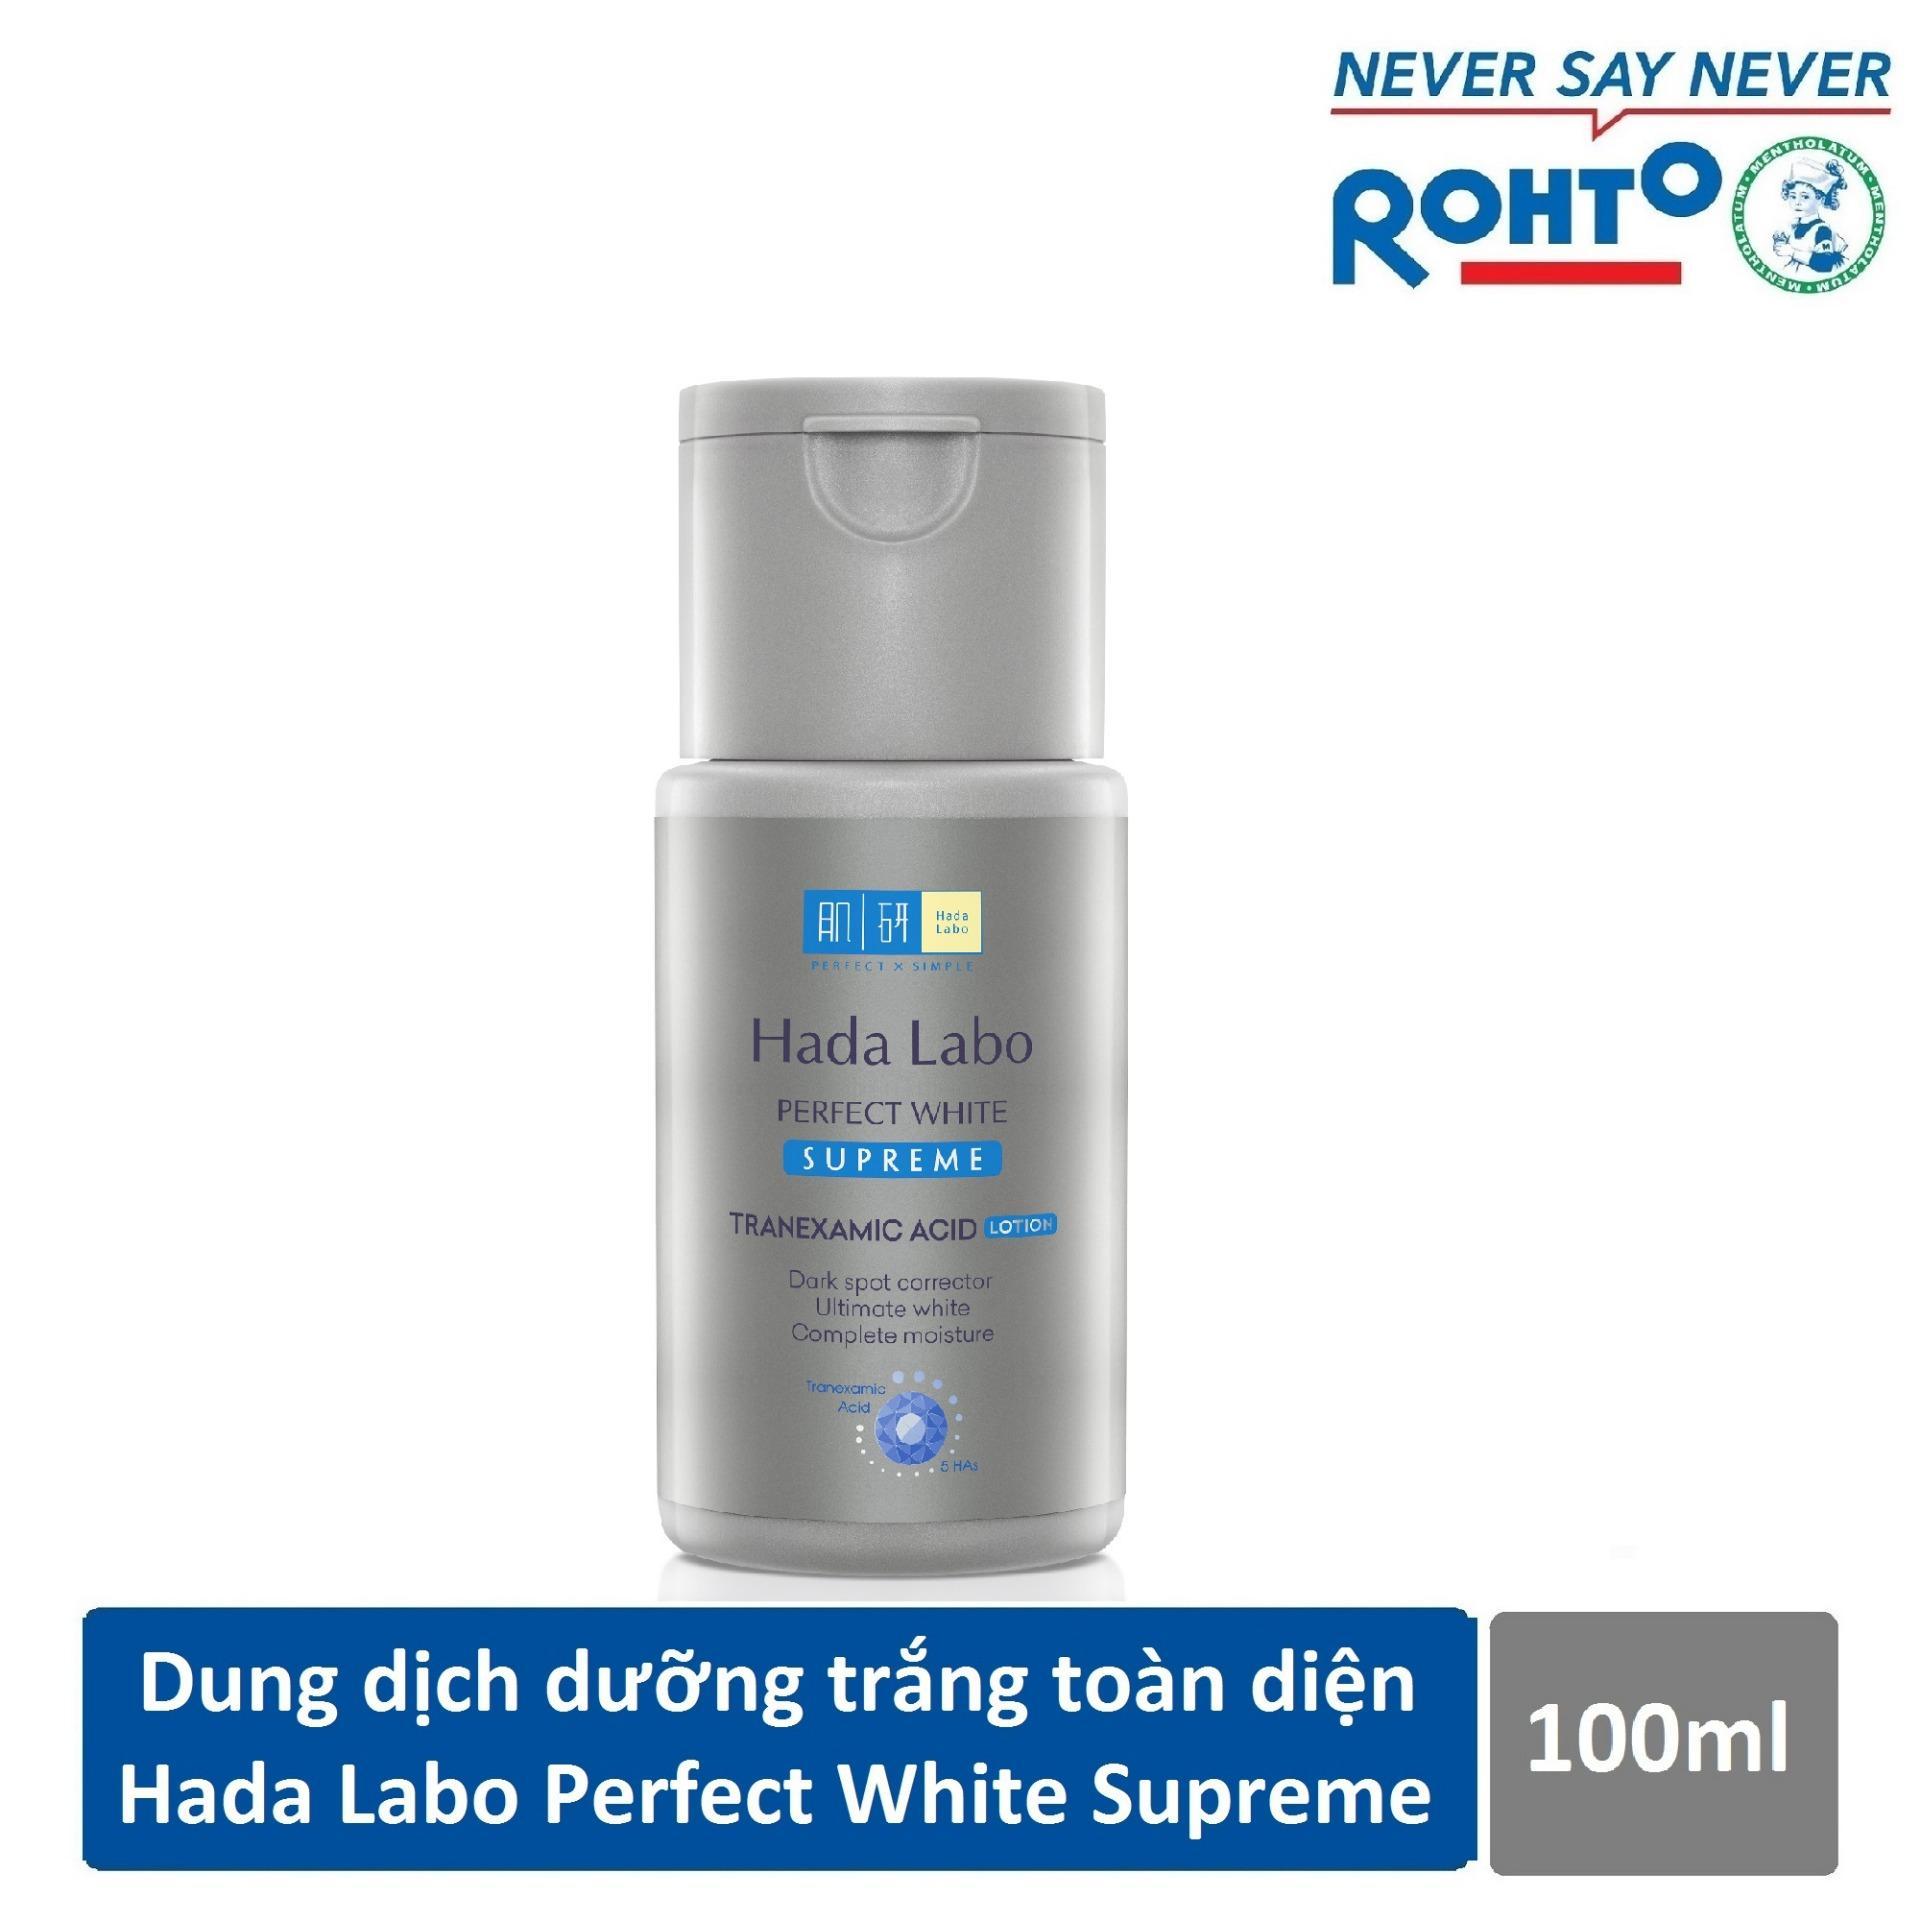 Dung dịch dưỡng trắng toàn diện Hada Labo Perfect White Supreme Lotion 100ml